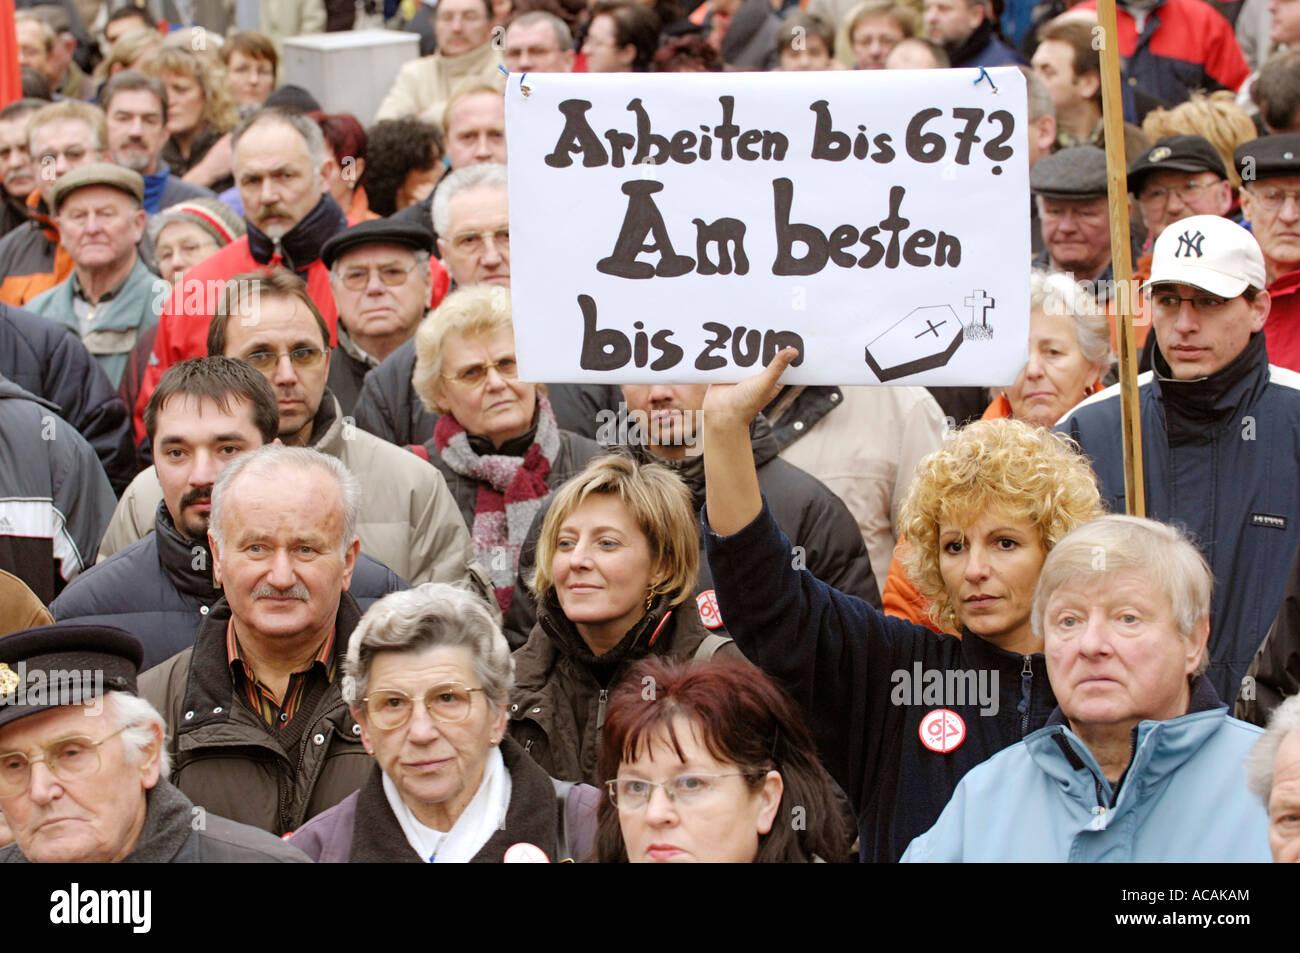 """La protesta contro la pensione di pagare con 67. Segno: """"Lavorare fino a 67? Meglio fino a exitus"""" Immagini Stock"""